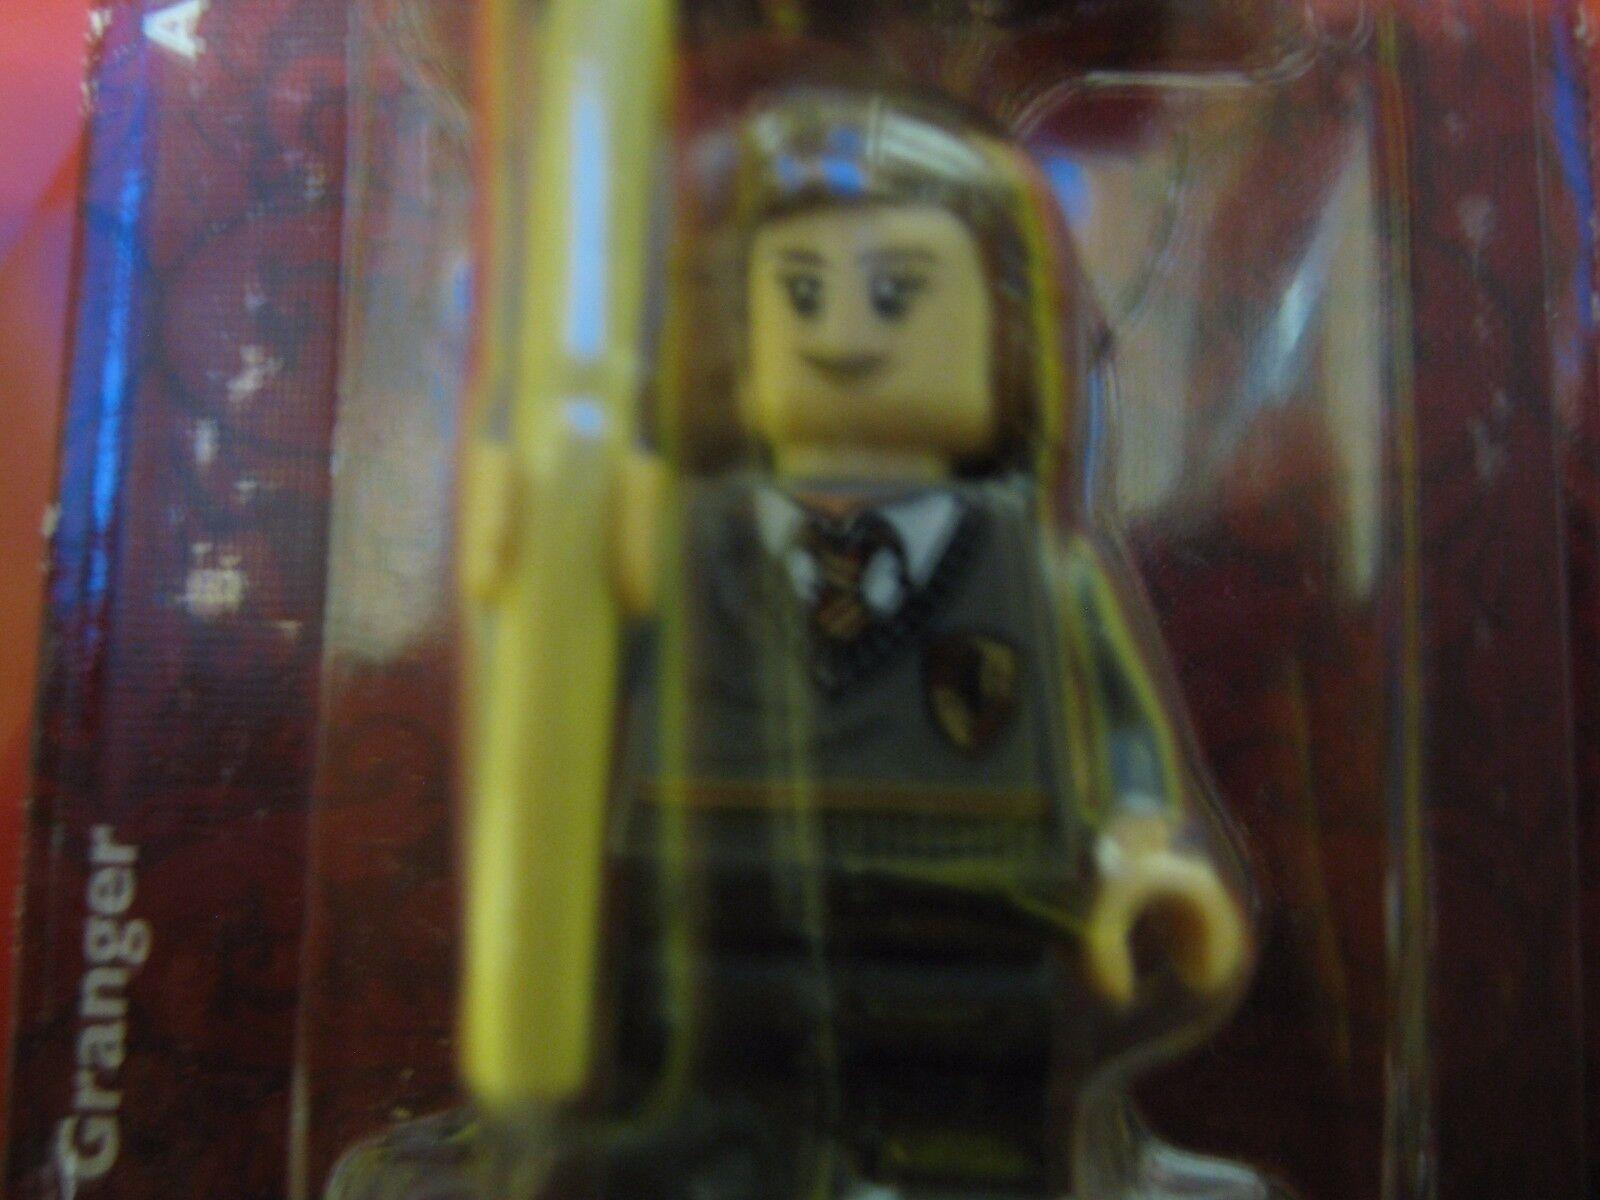 Lego 852982 Harry Potter magnet Figurine Set Hermione Granger Albus Albus Albus Dumbledore d1b6f8